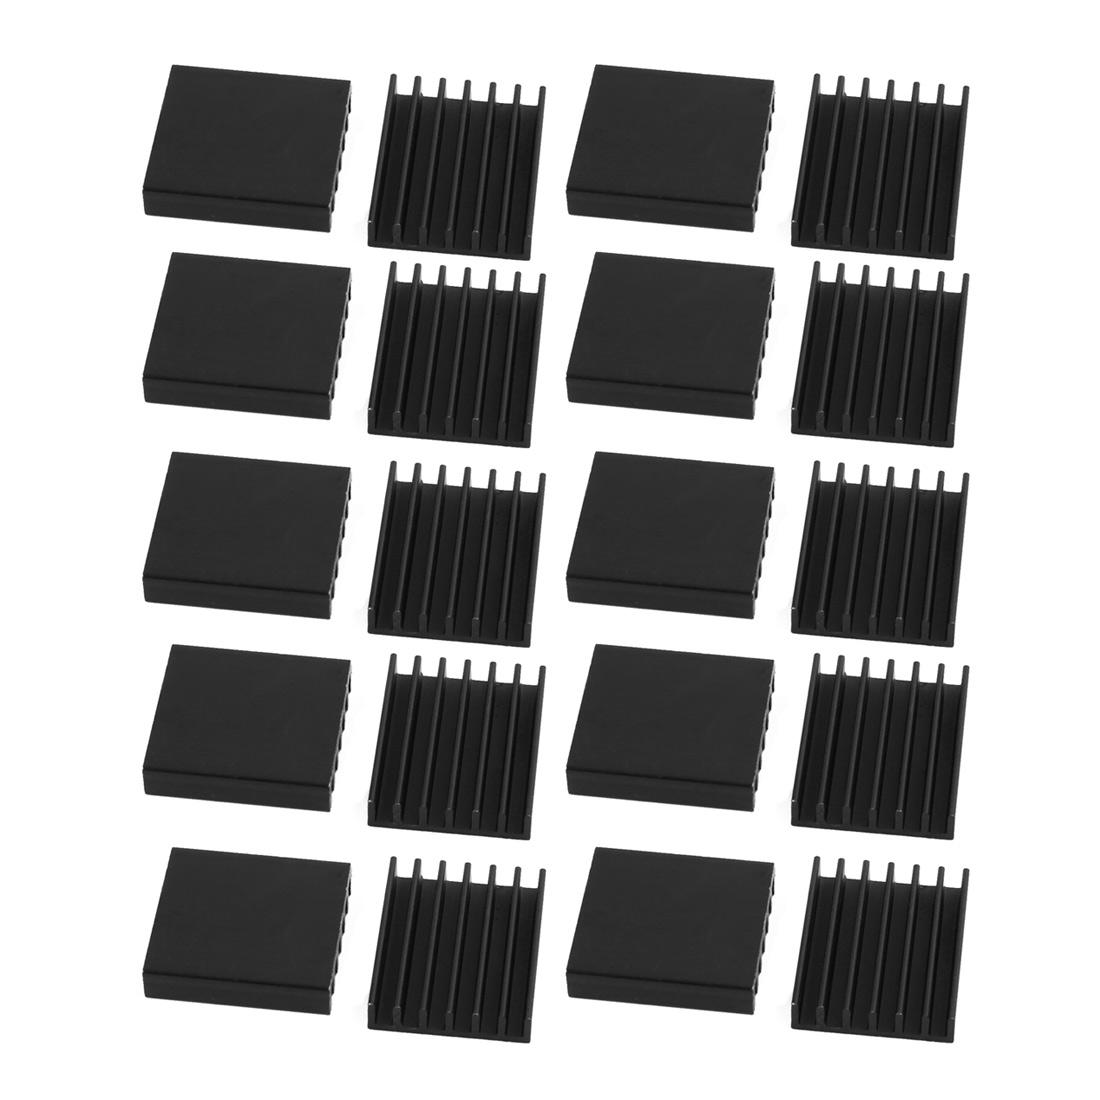 20pcs 14.5mmx16mmx4mm Black Aluminum Heatsink Heat Diffuse Cooling Fin